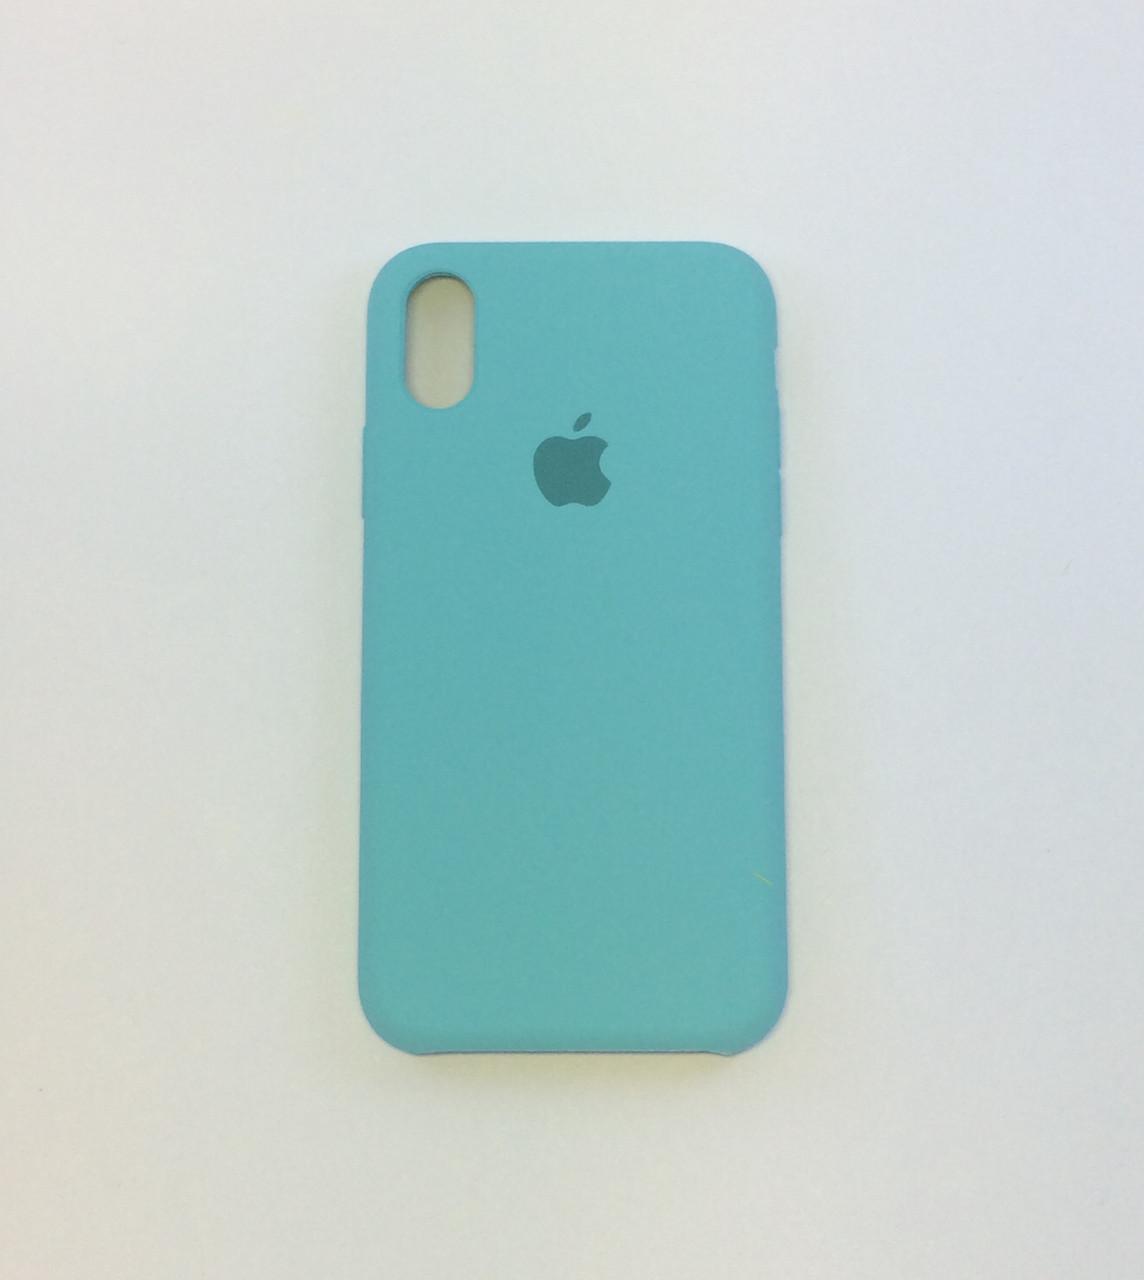 Силиконовый чехол iPhone X, зеленая лагуна, силикон, copy original